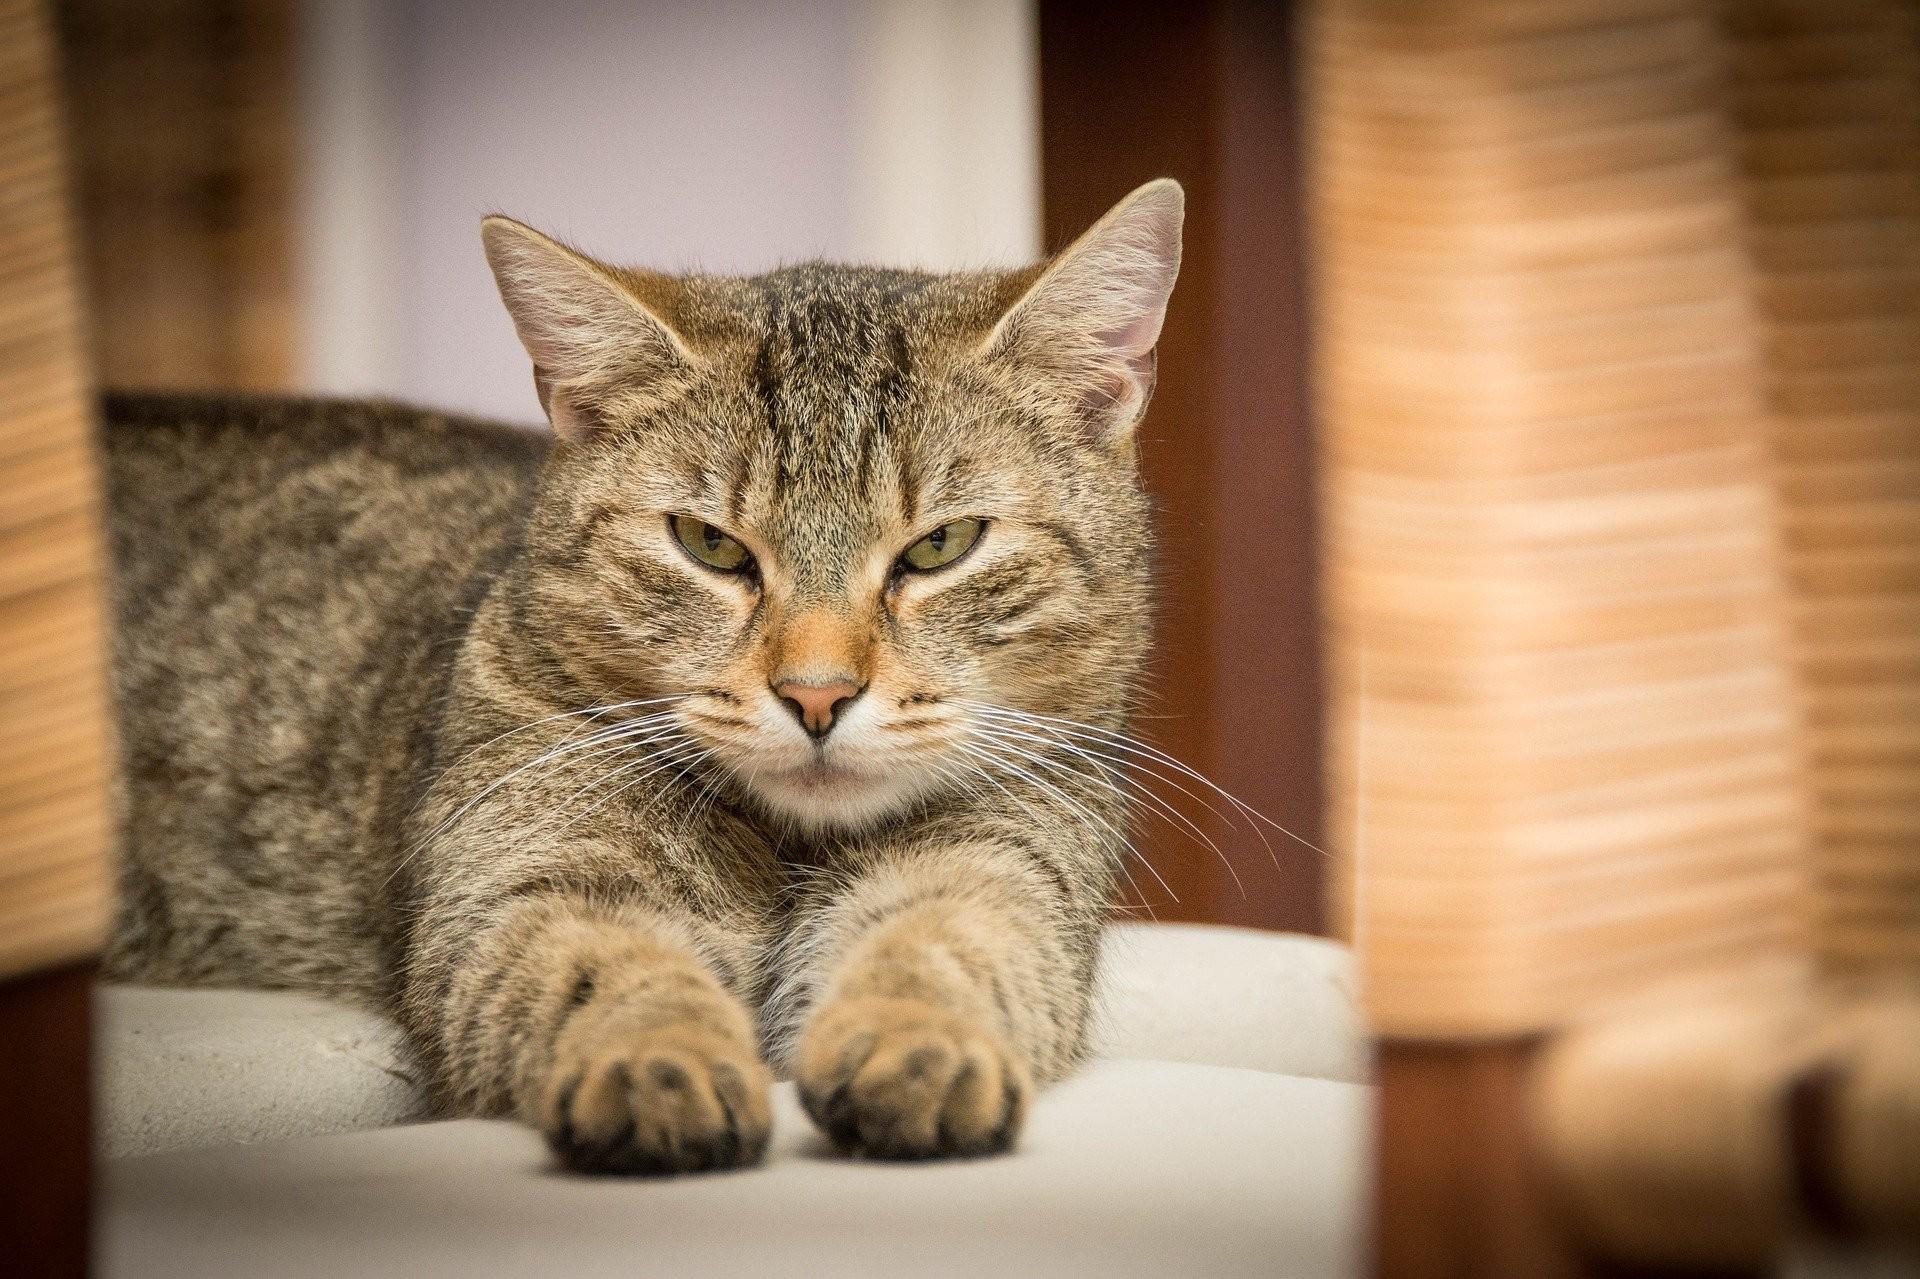 ▲▼芝加哥公益團體在街區安放千隻以上流浪貓,捕捉為患已久的老鼠。(示意圖/取自Pixabay)